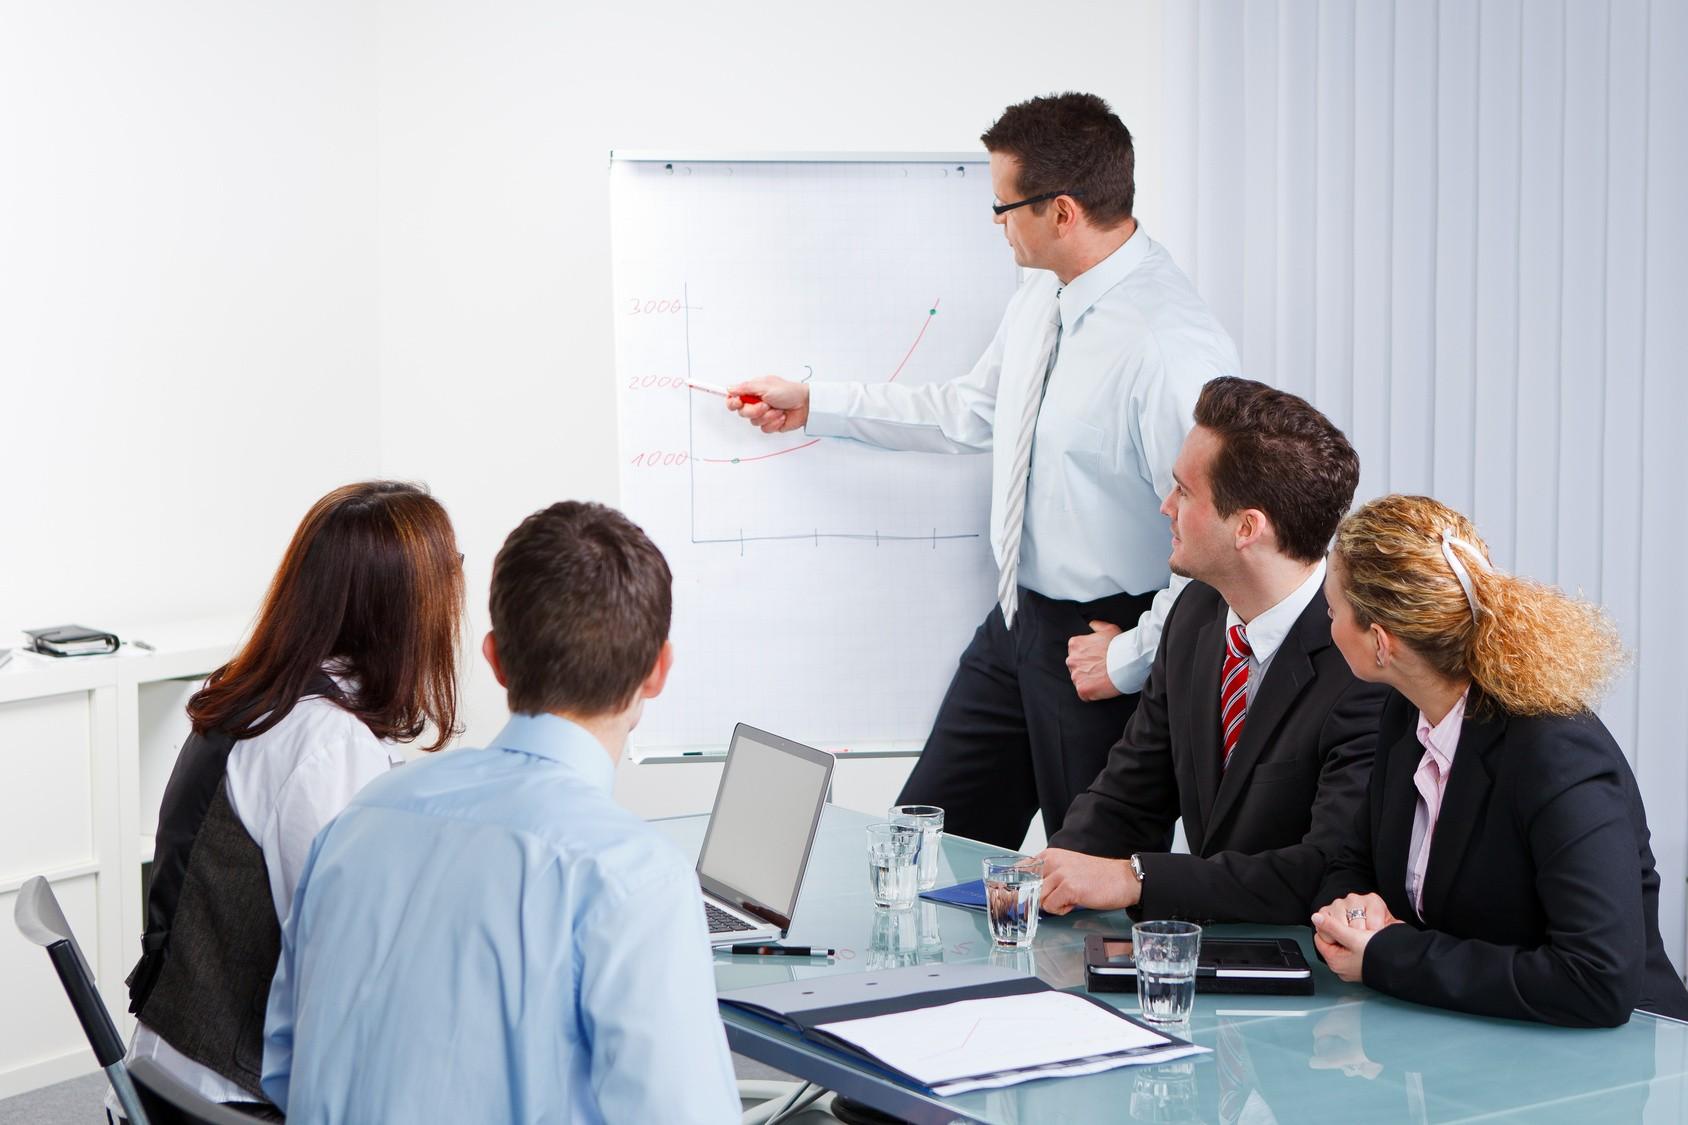 Консультационная площадка по мерам финансовой поддержки в формате индивидуального workshop